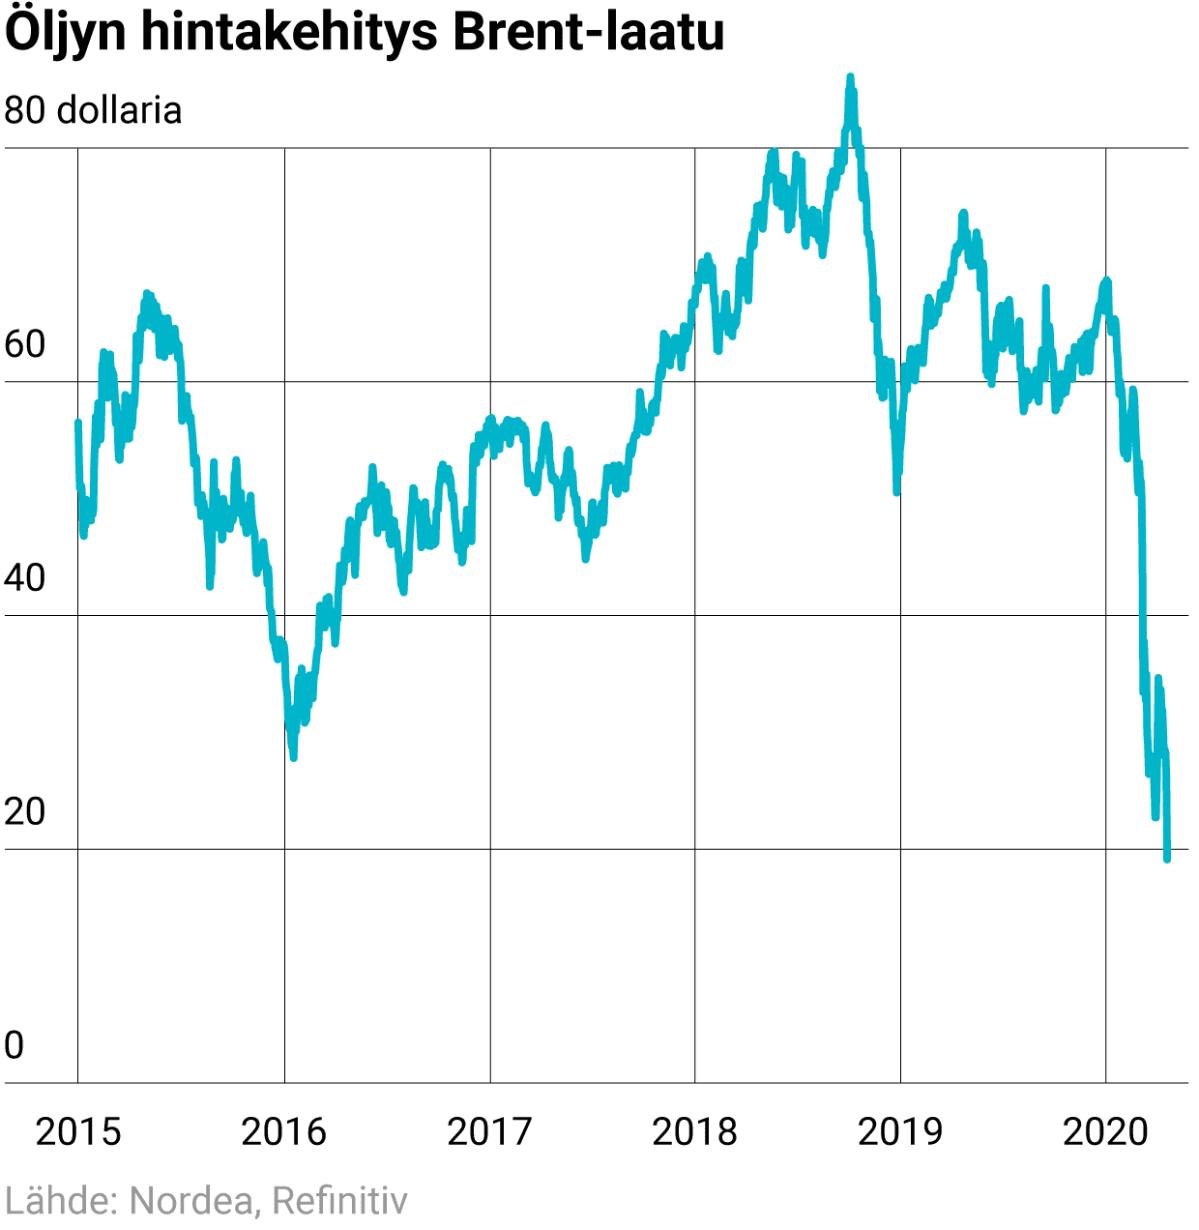 Öljyn hintakehitys Brent-laatu